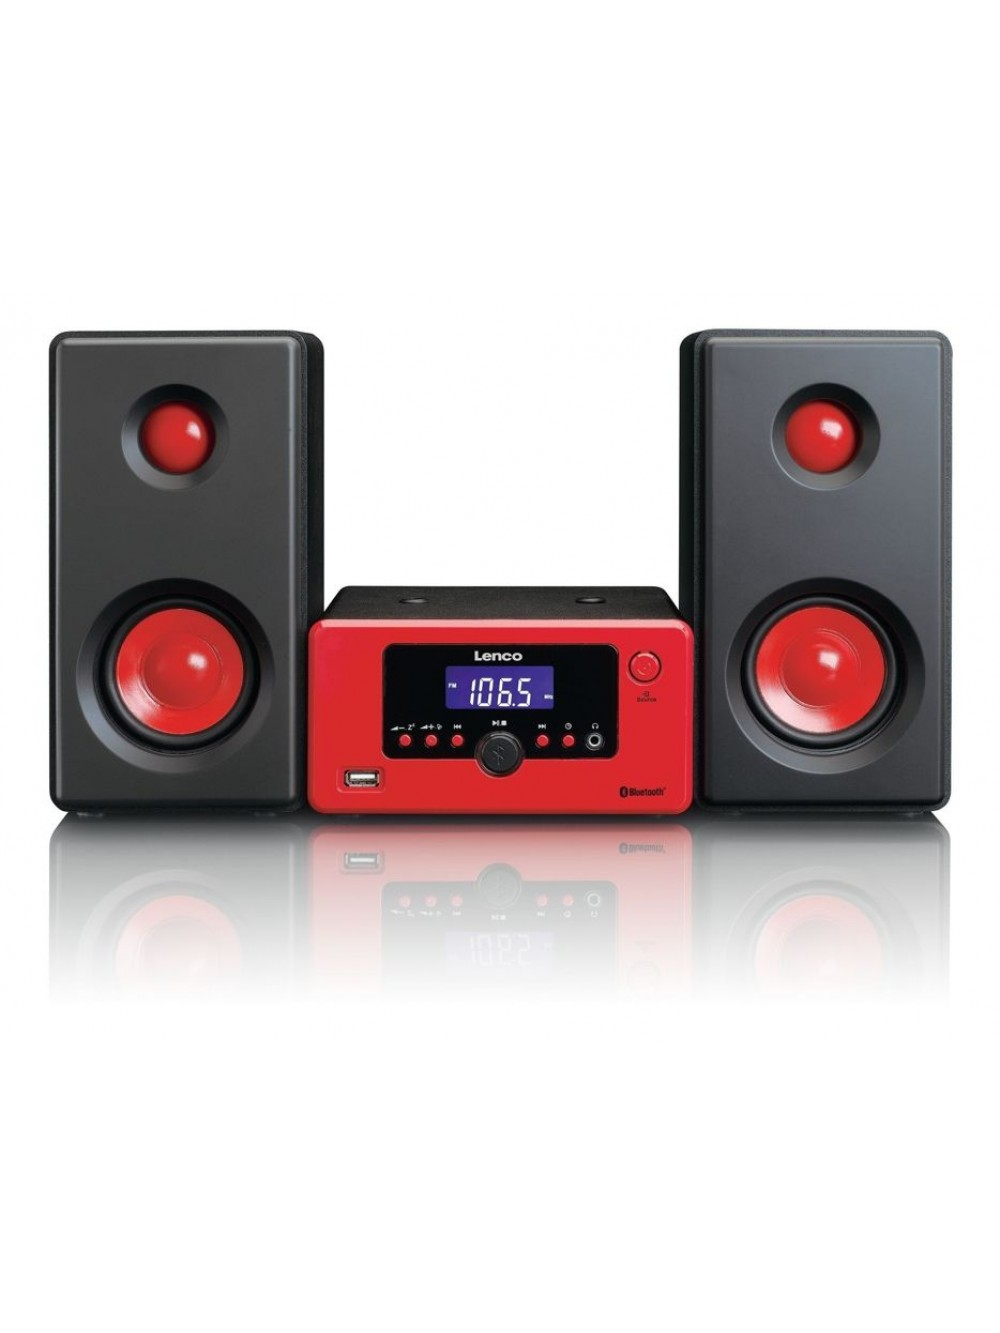 Lenco MC-020 Microset μουσικό σύστημα με επιλογές Bluetooth,FM ράδιο,USB,AUX-IN και ξυπνητήρι